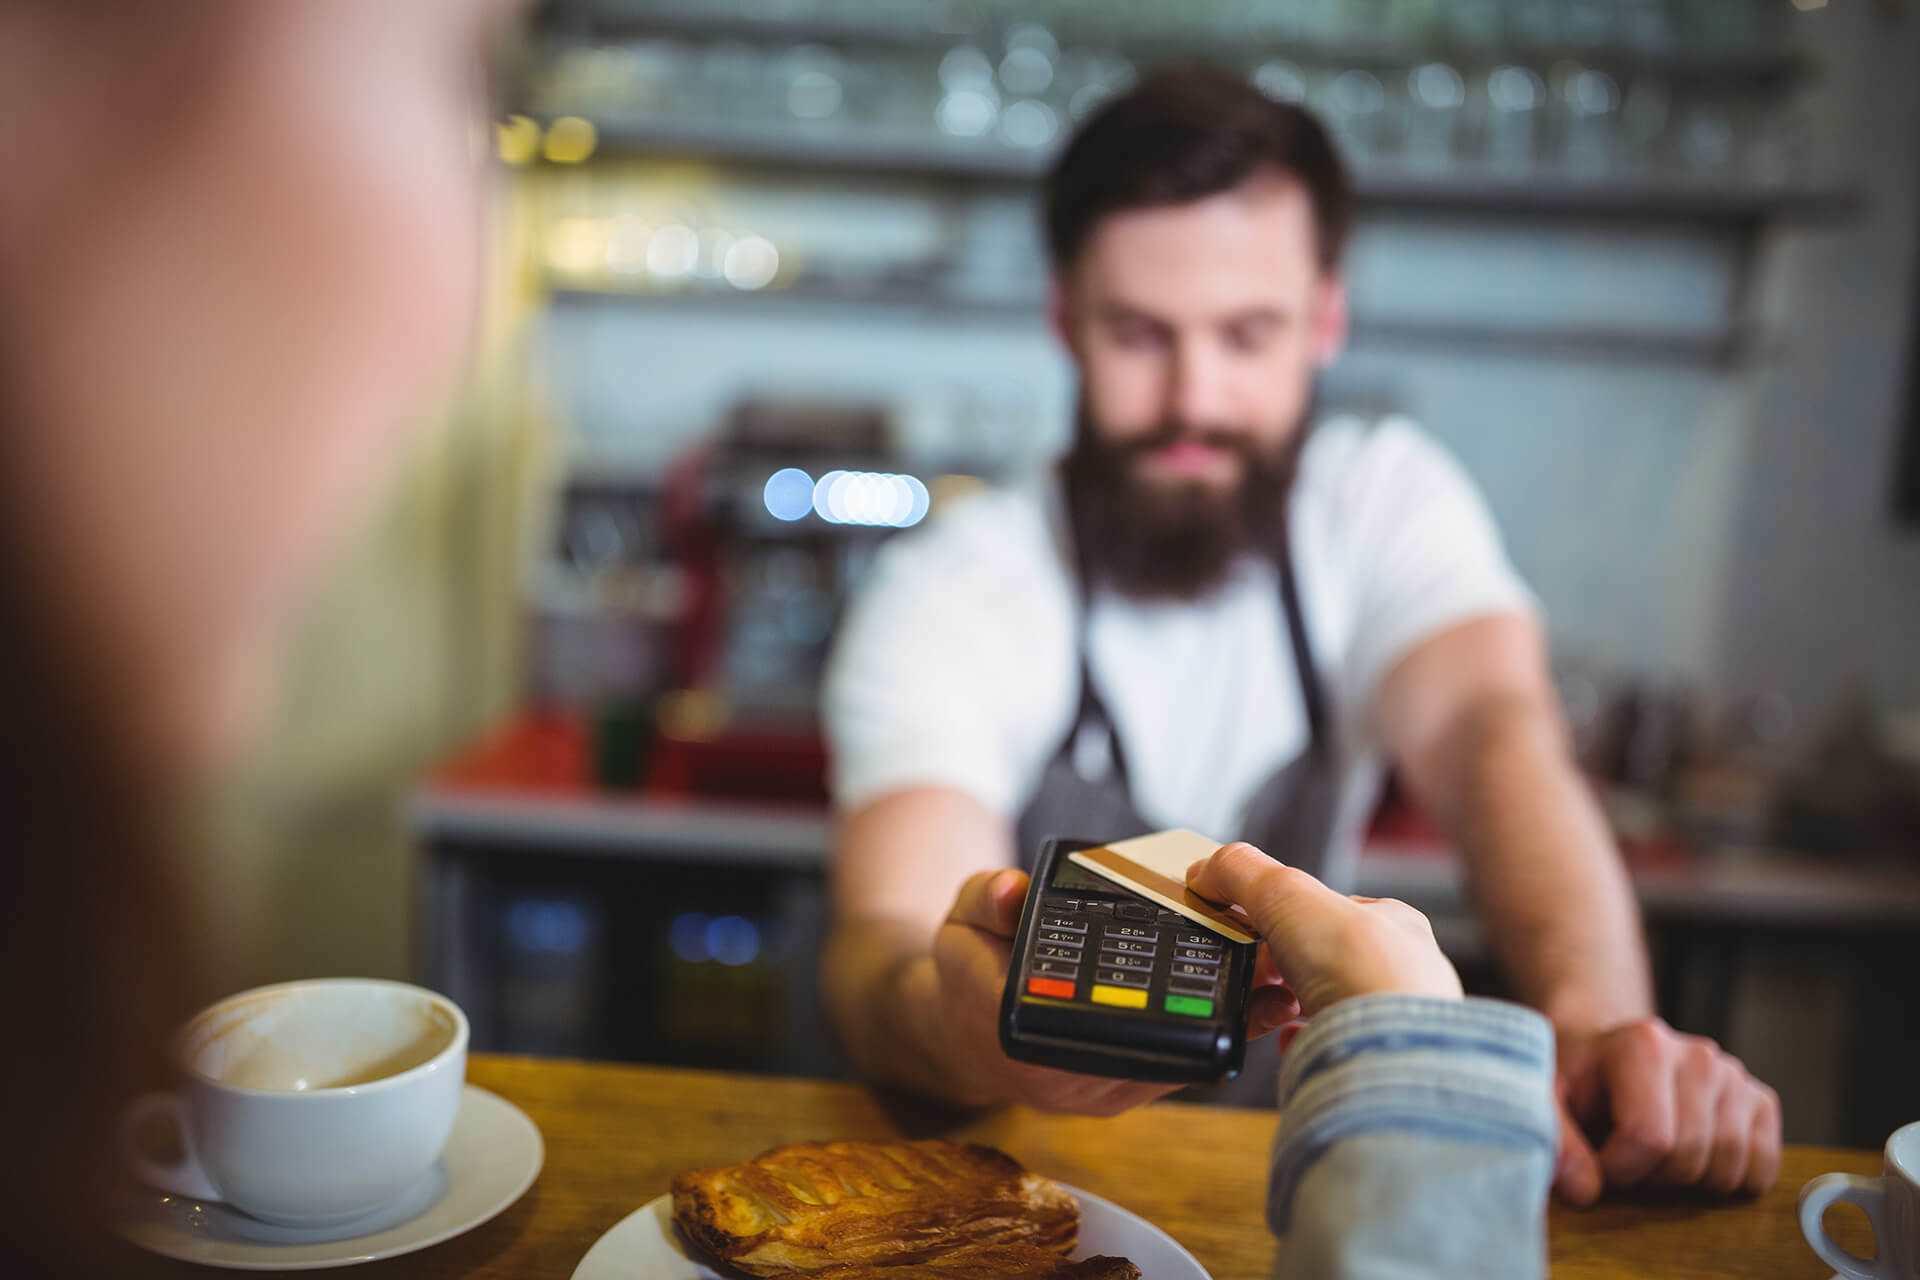 Il caffè? Lo pago con il bancomat